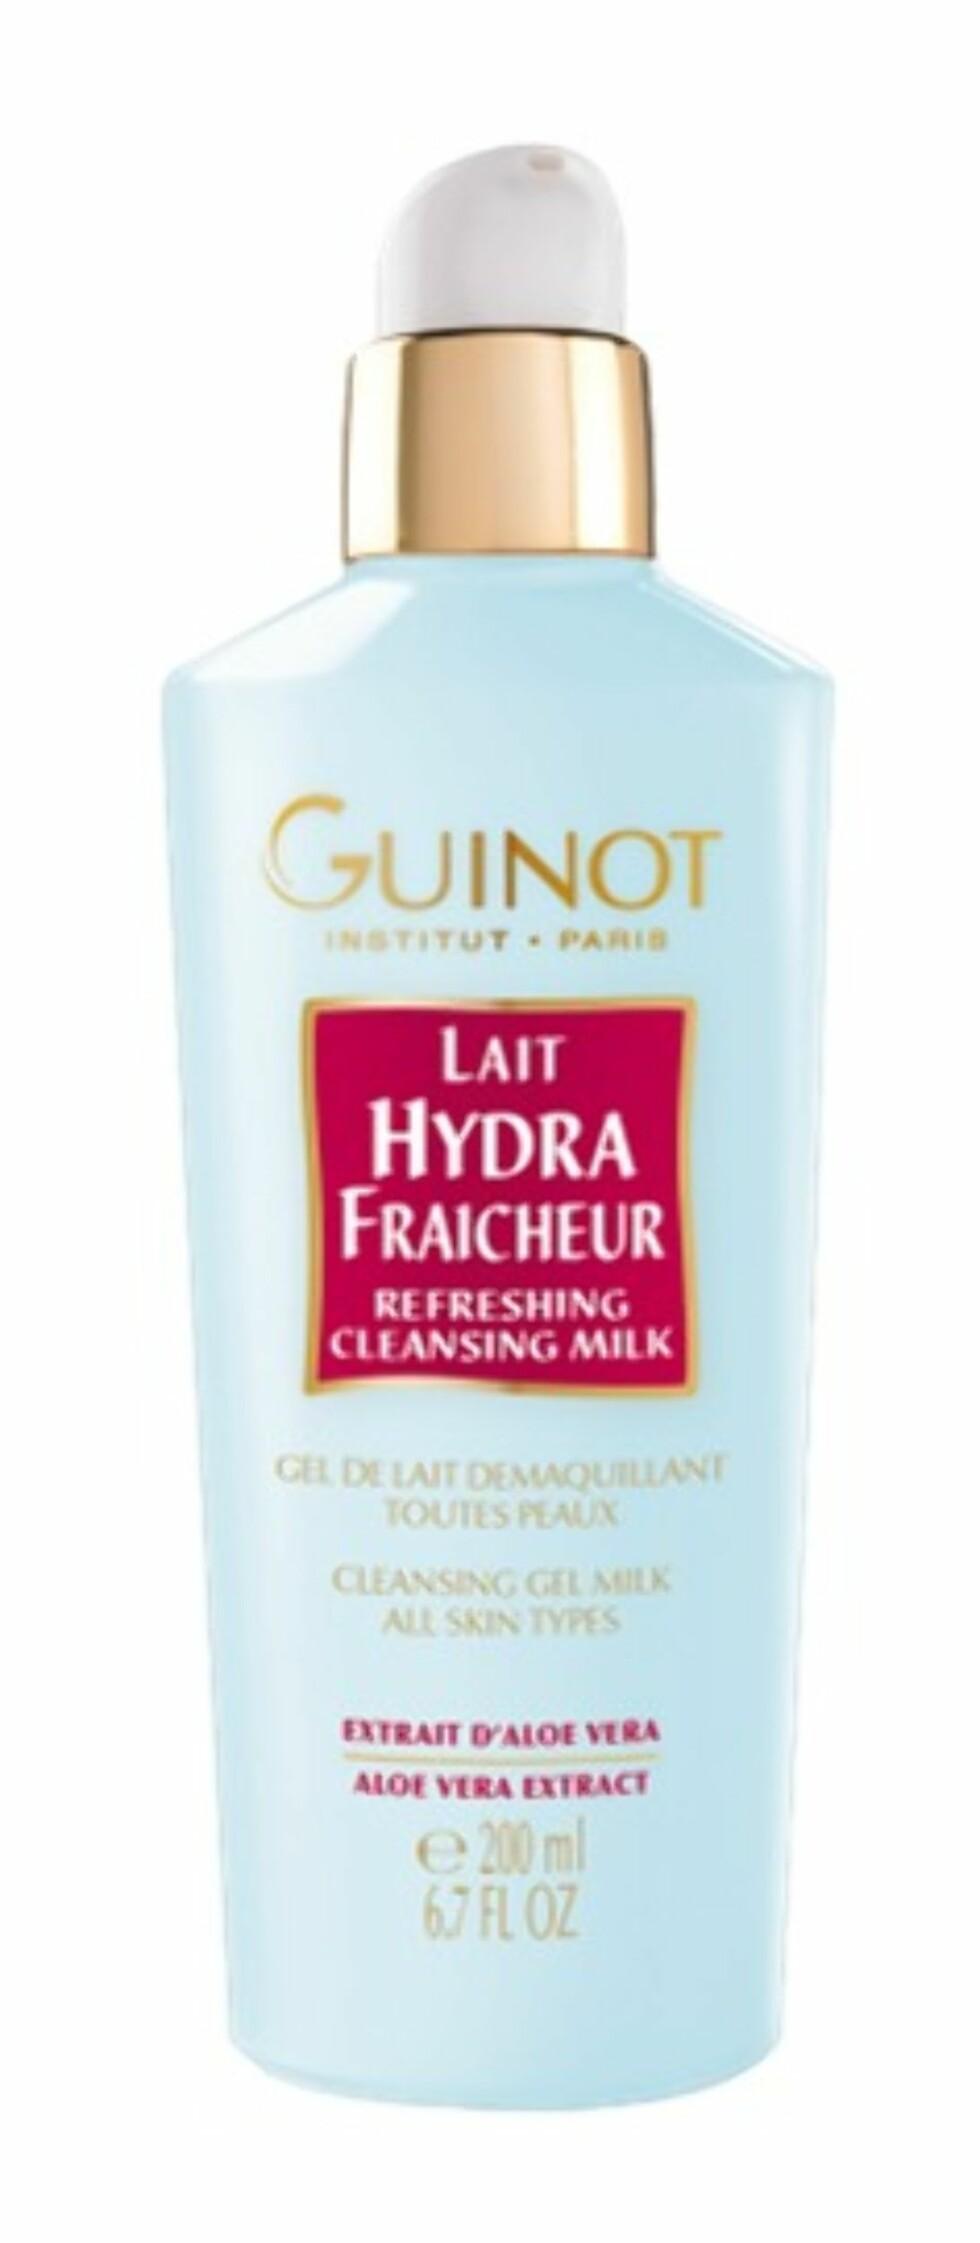 Lait Hydra Fraicheur fra Guinot er en geléaktig rensemelk for alle hudtyper. Renser bort sminke og fjerner urenheter fra huden, samtidig som den fukter og mykgjør huden, kr 325. Foto: Produsenten